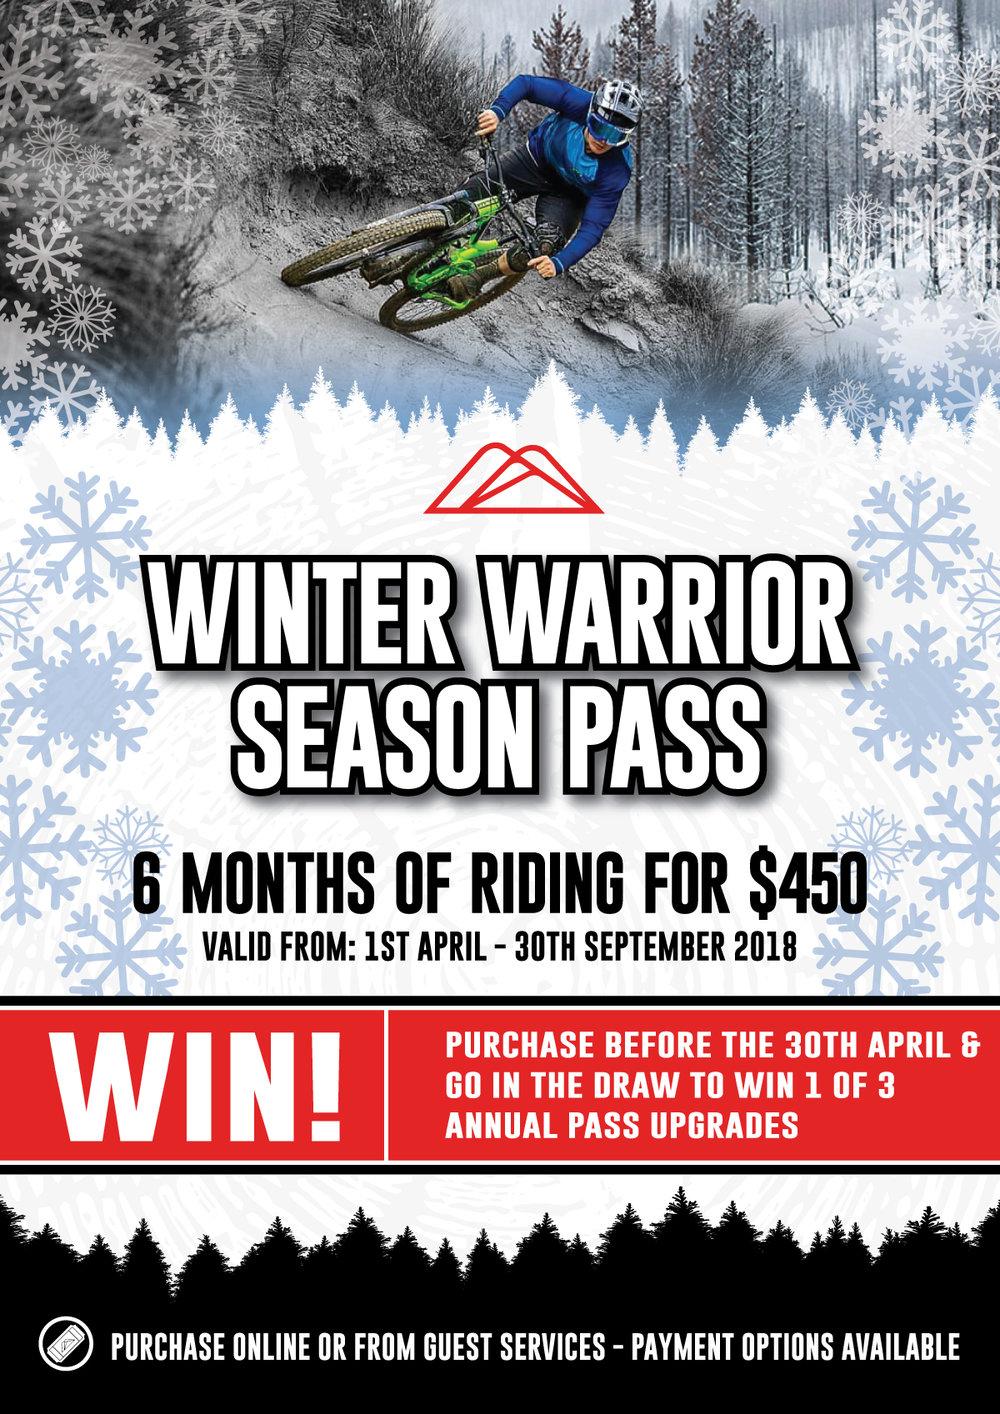 Winter-Warrior-Season Pass - Christchurch Adventure Park - Web.jpg